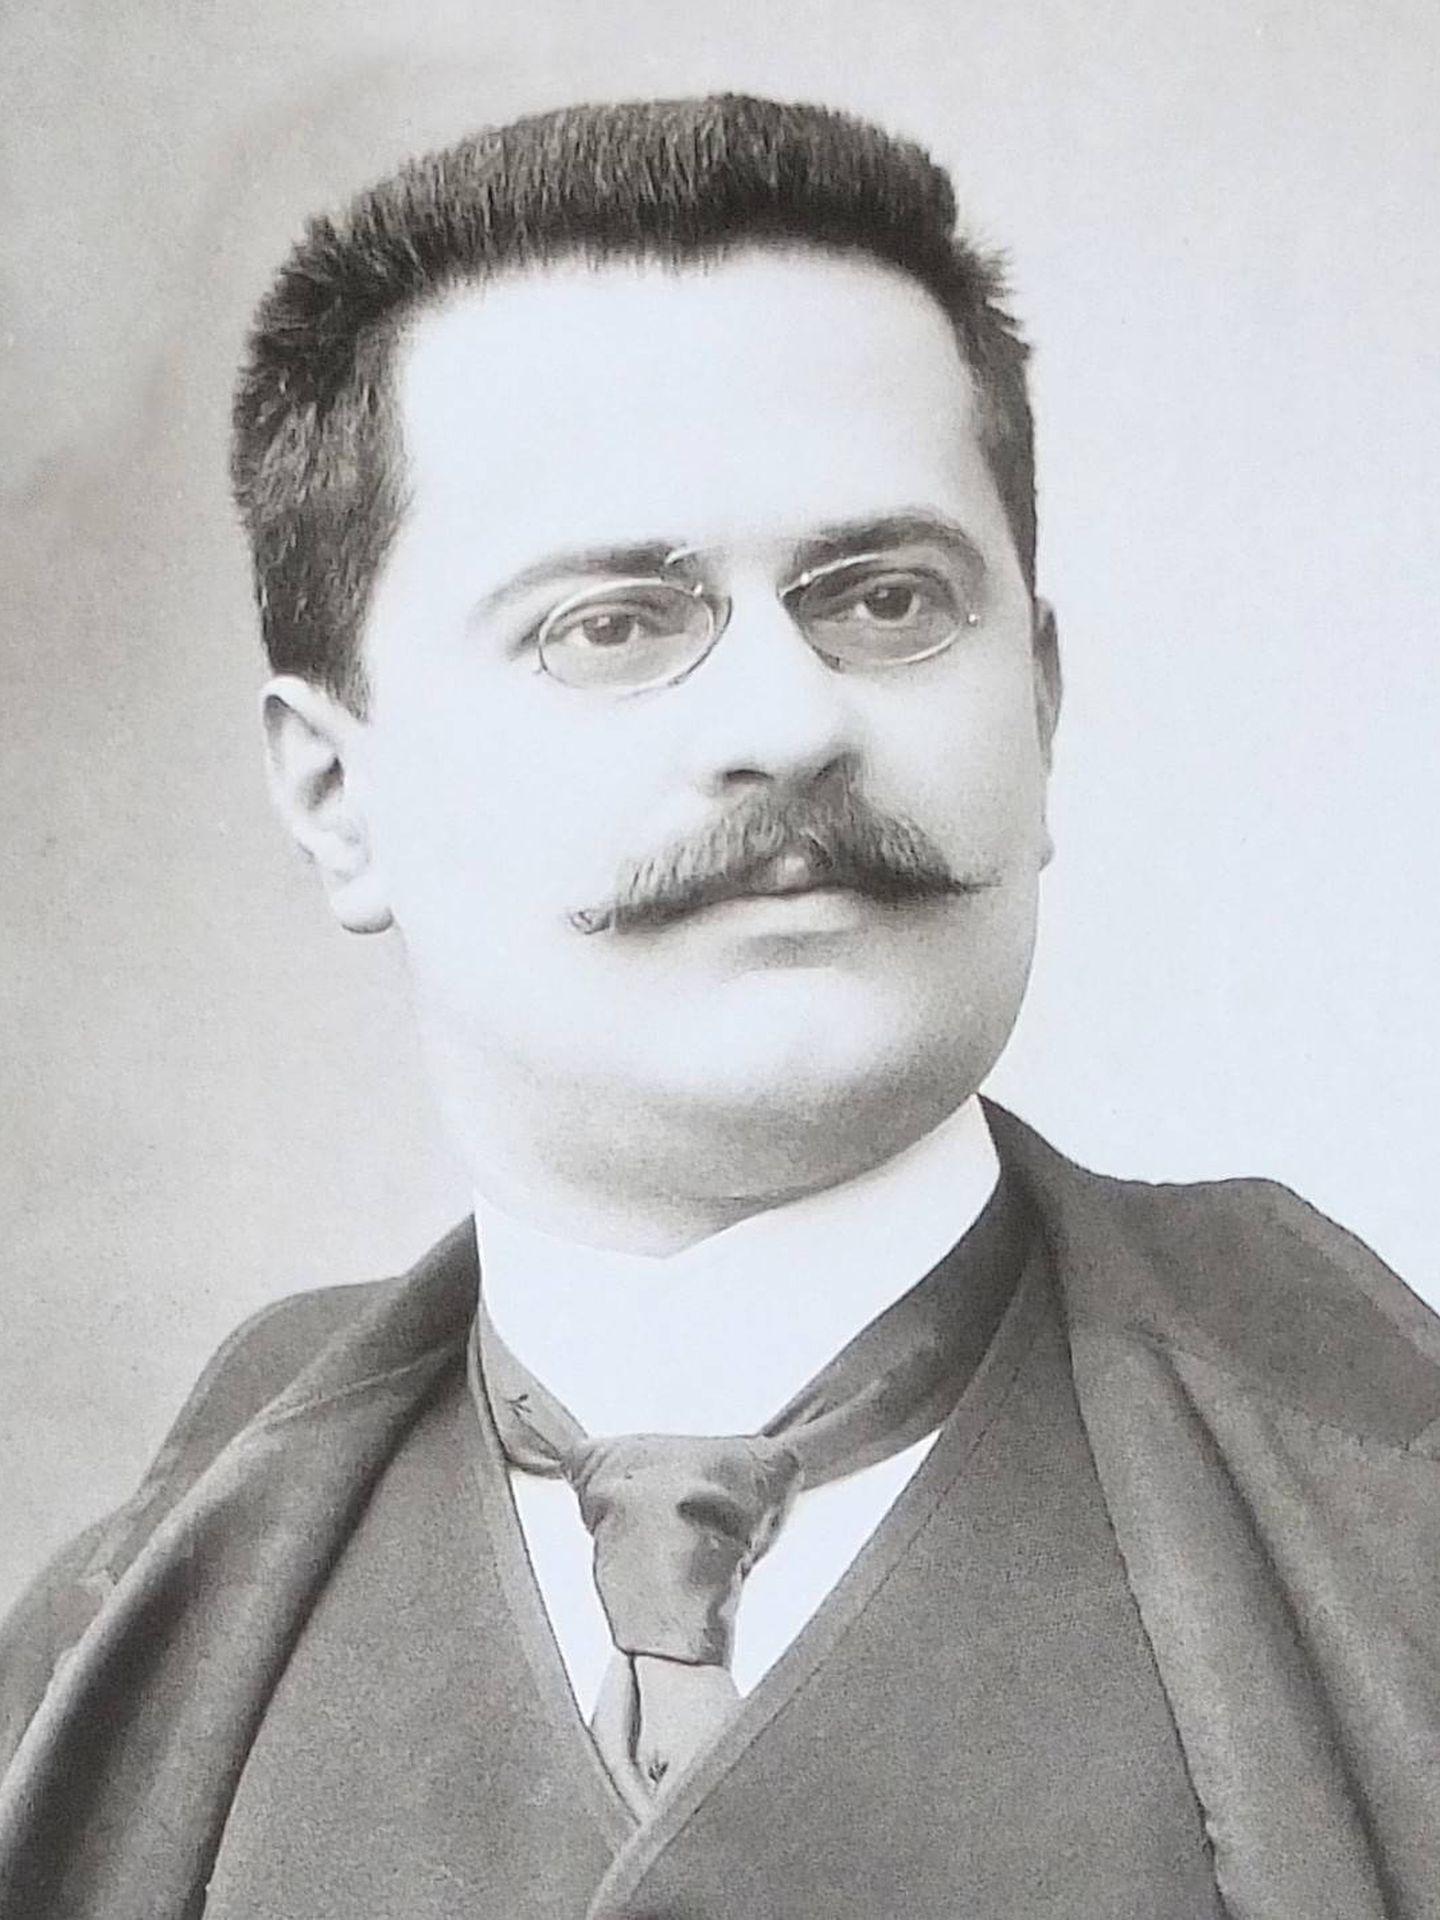 Gaston Calmette